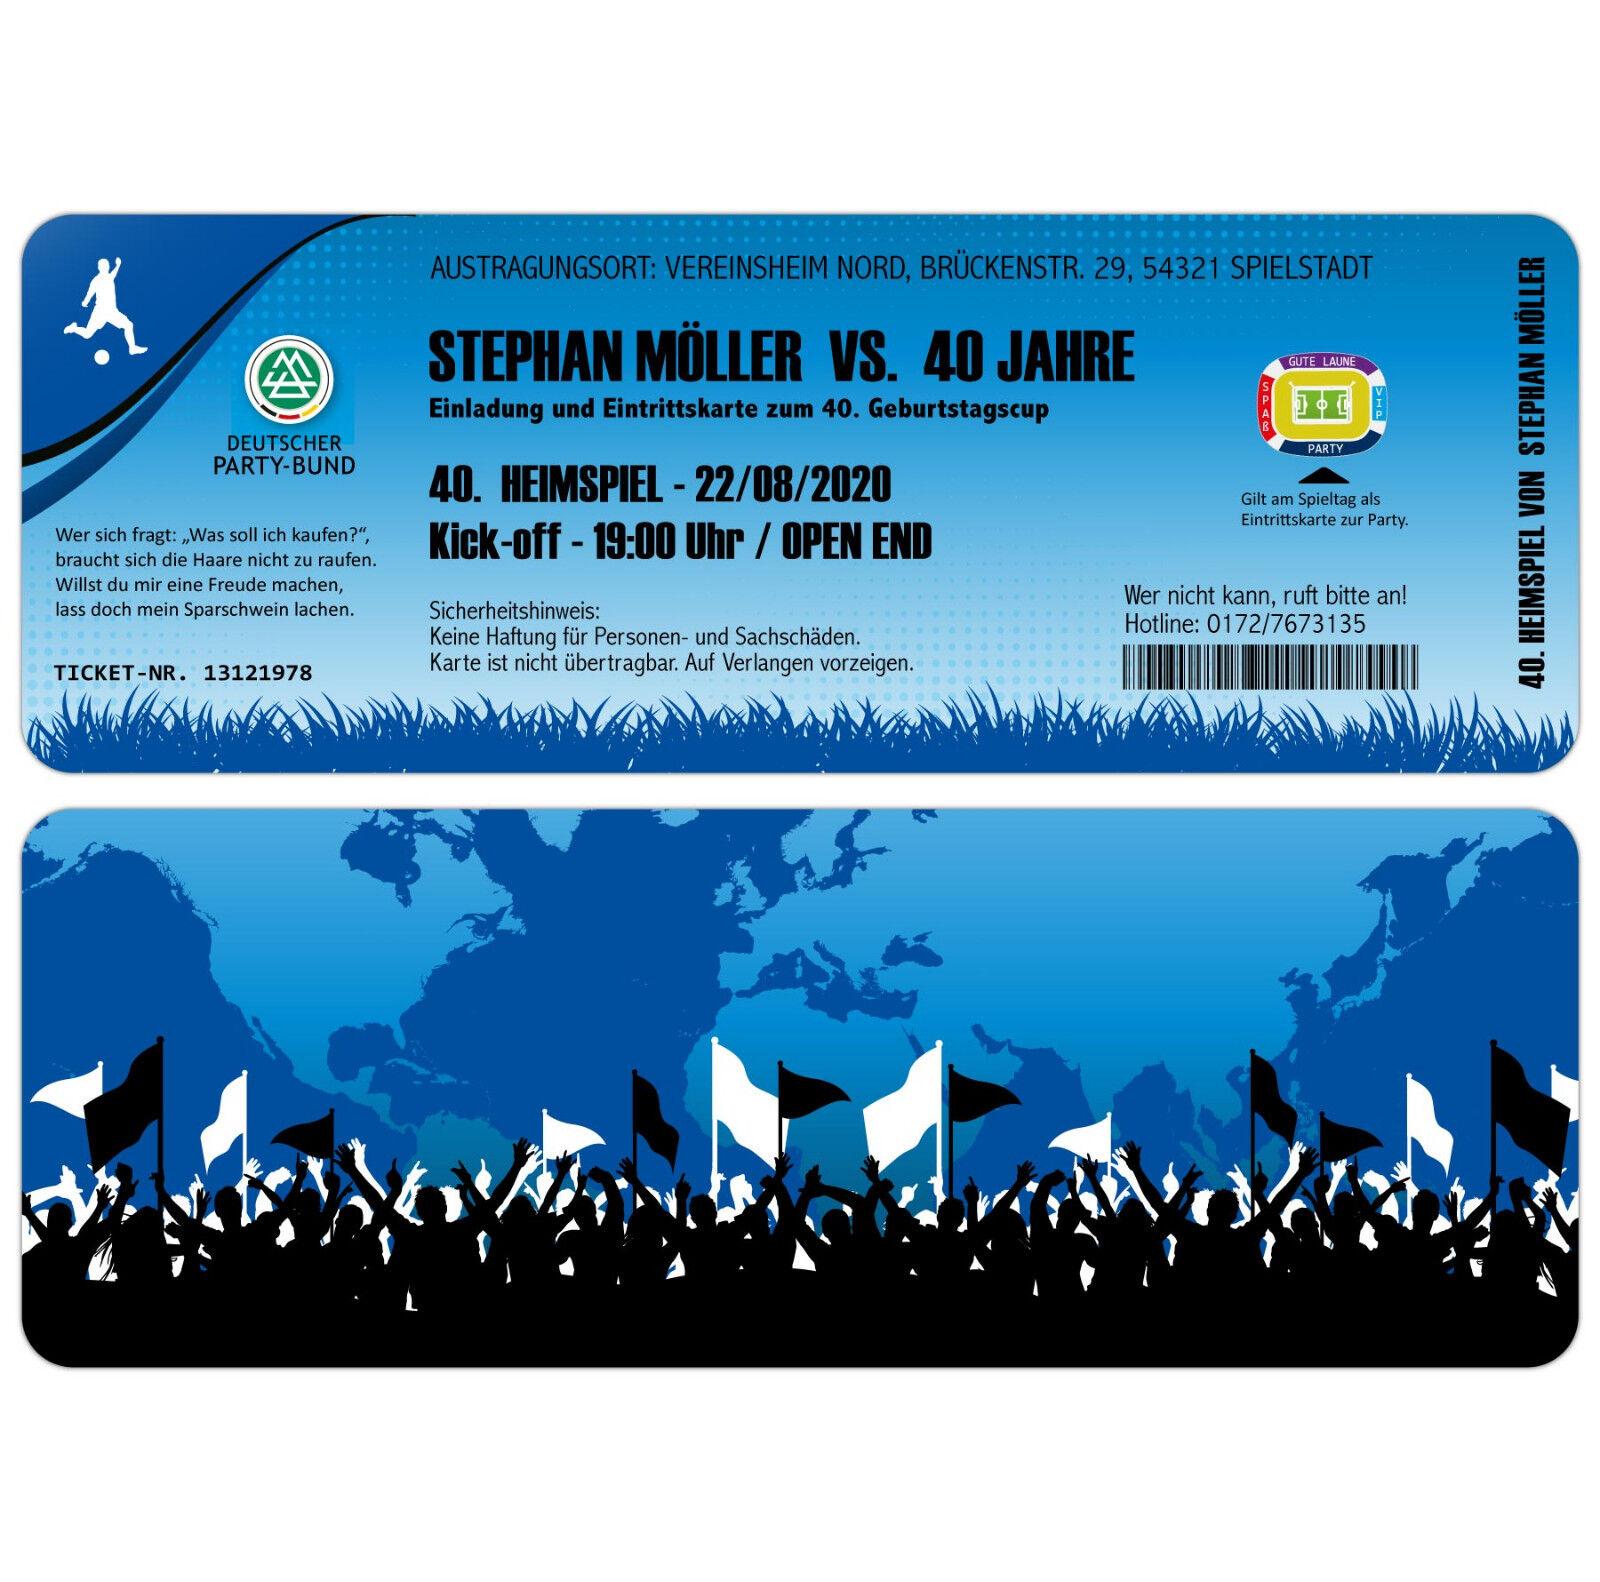 Futbol ticket tarjetas de invitación para mi cumpleaños como boleto - 2 x demolición